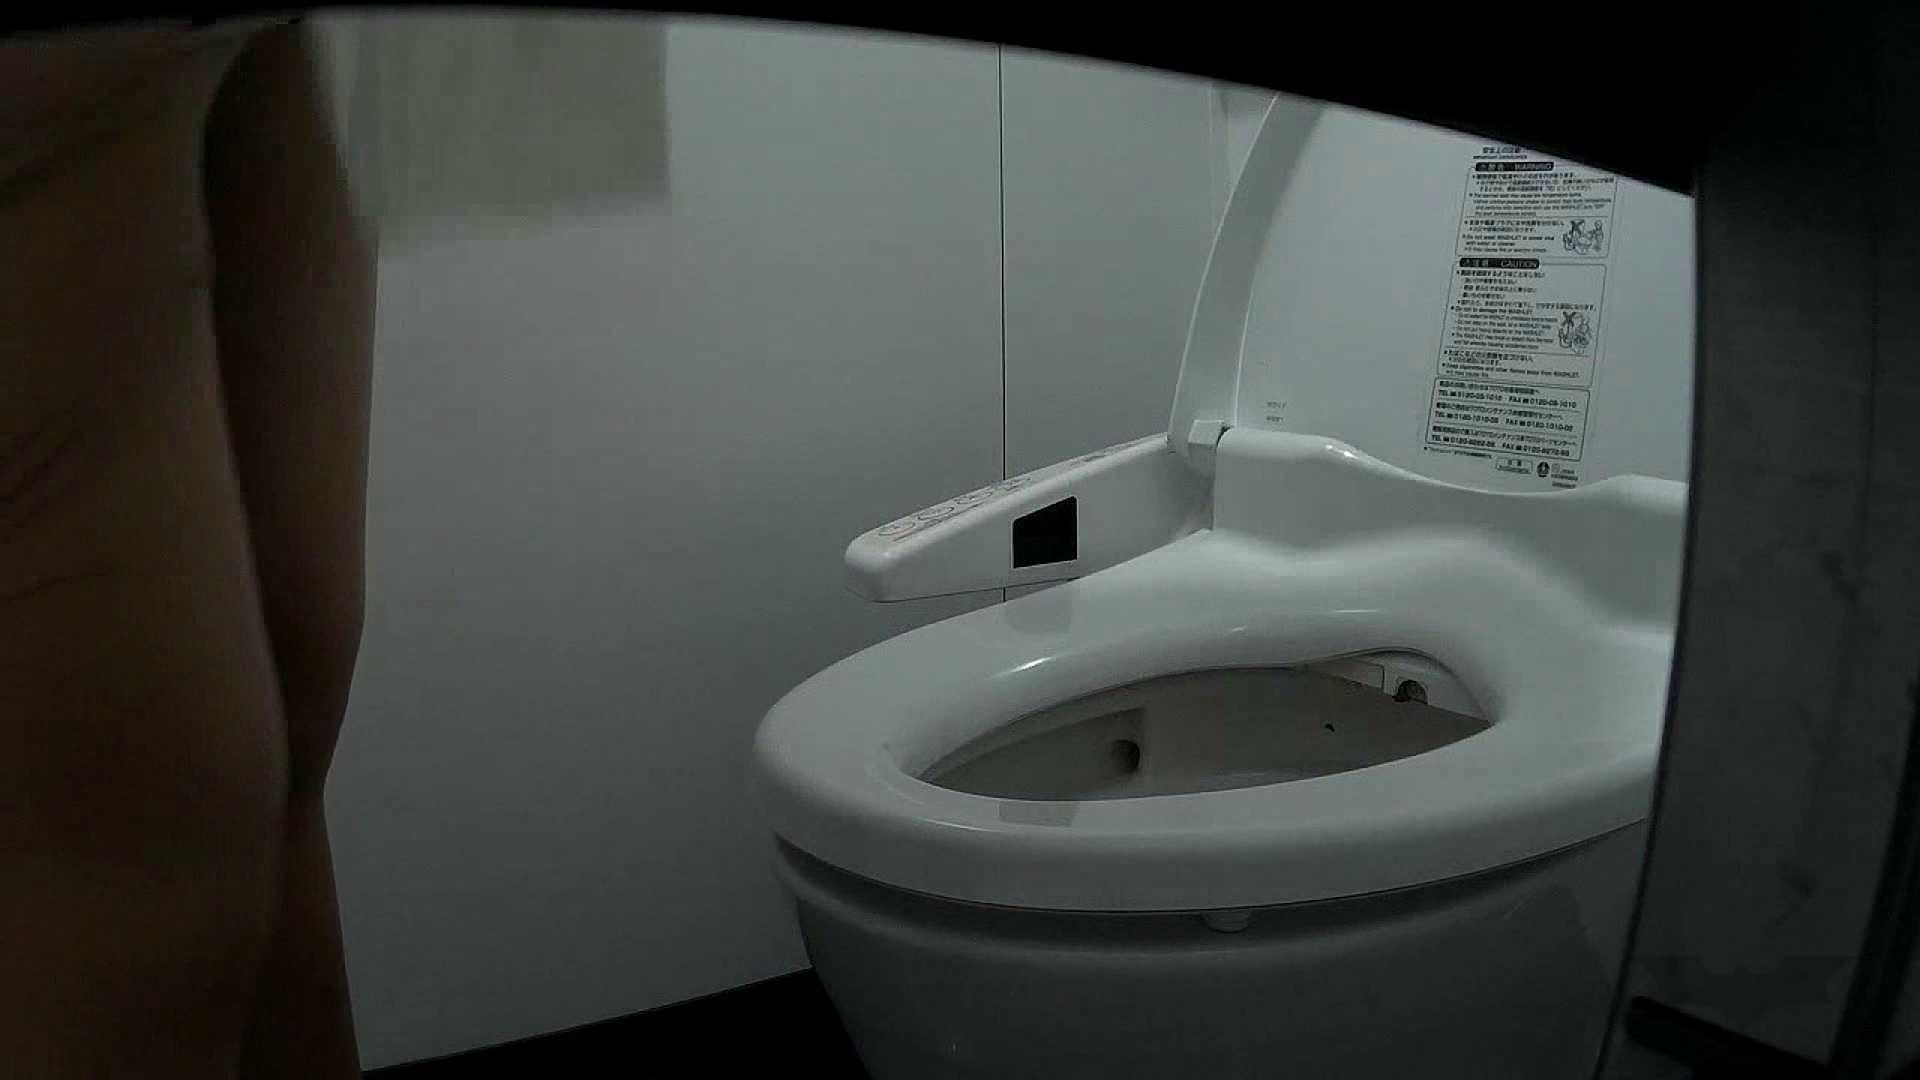 セックスアダルト動画 有名大学女性洗面所 vol.38 おやっ!お着替えシーンもいただきましたよ。 怪盗ジョーカー